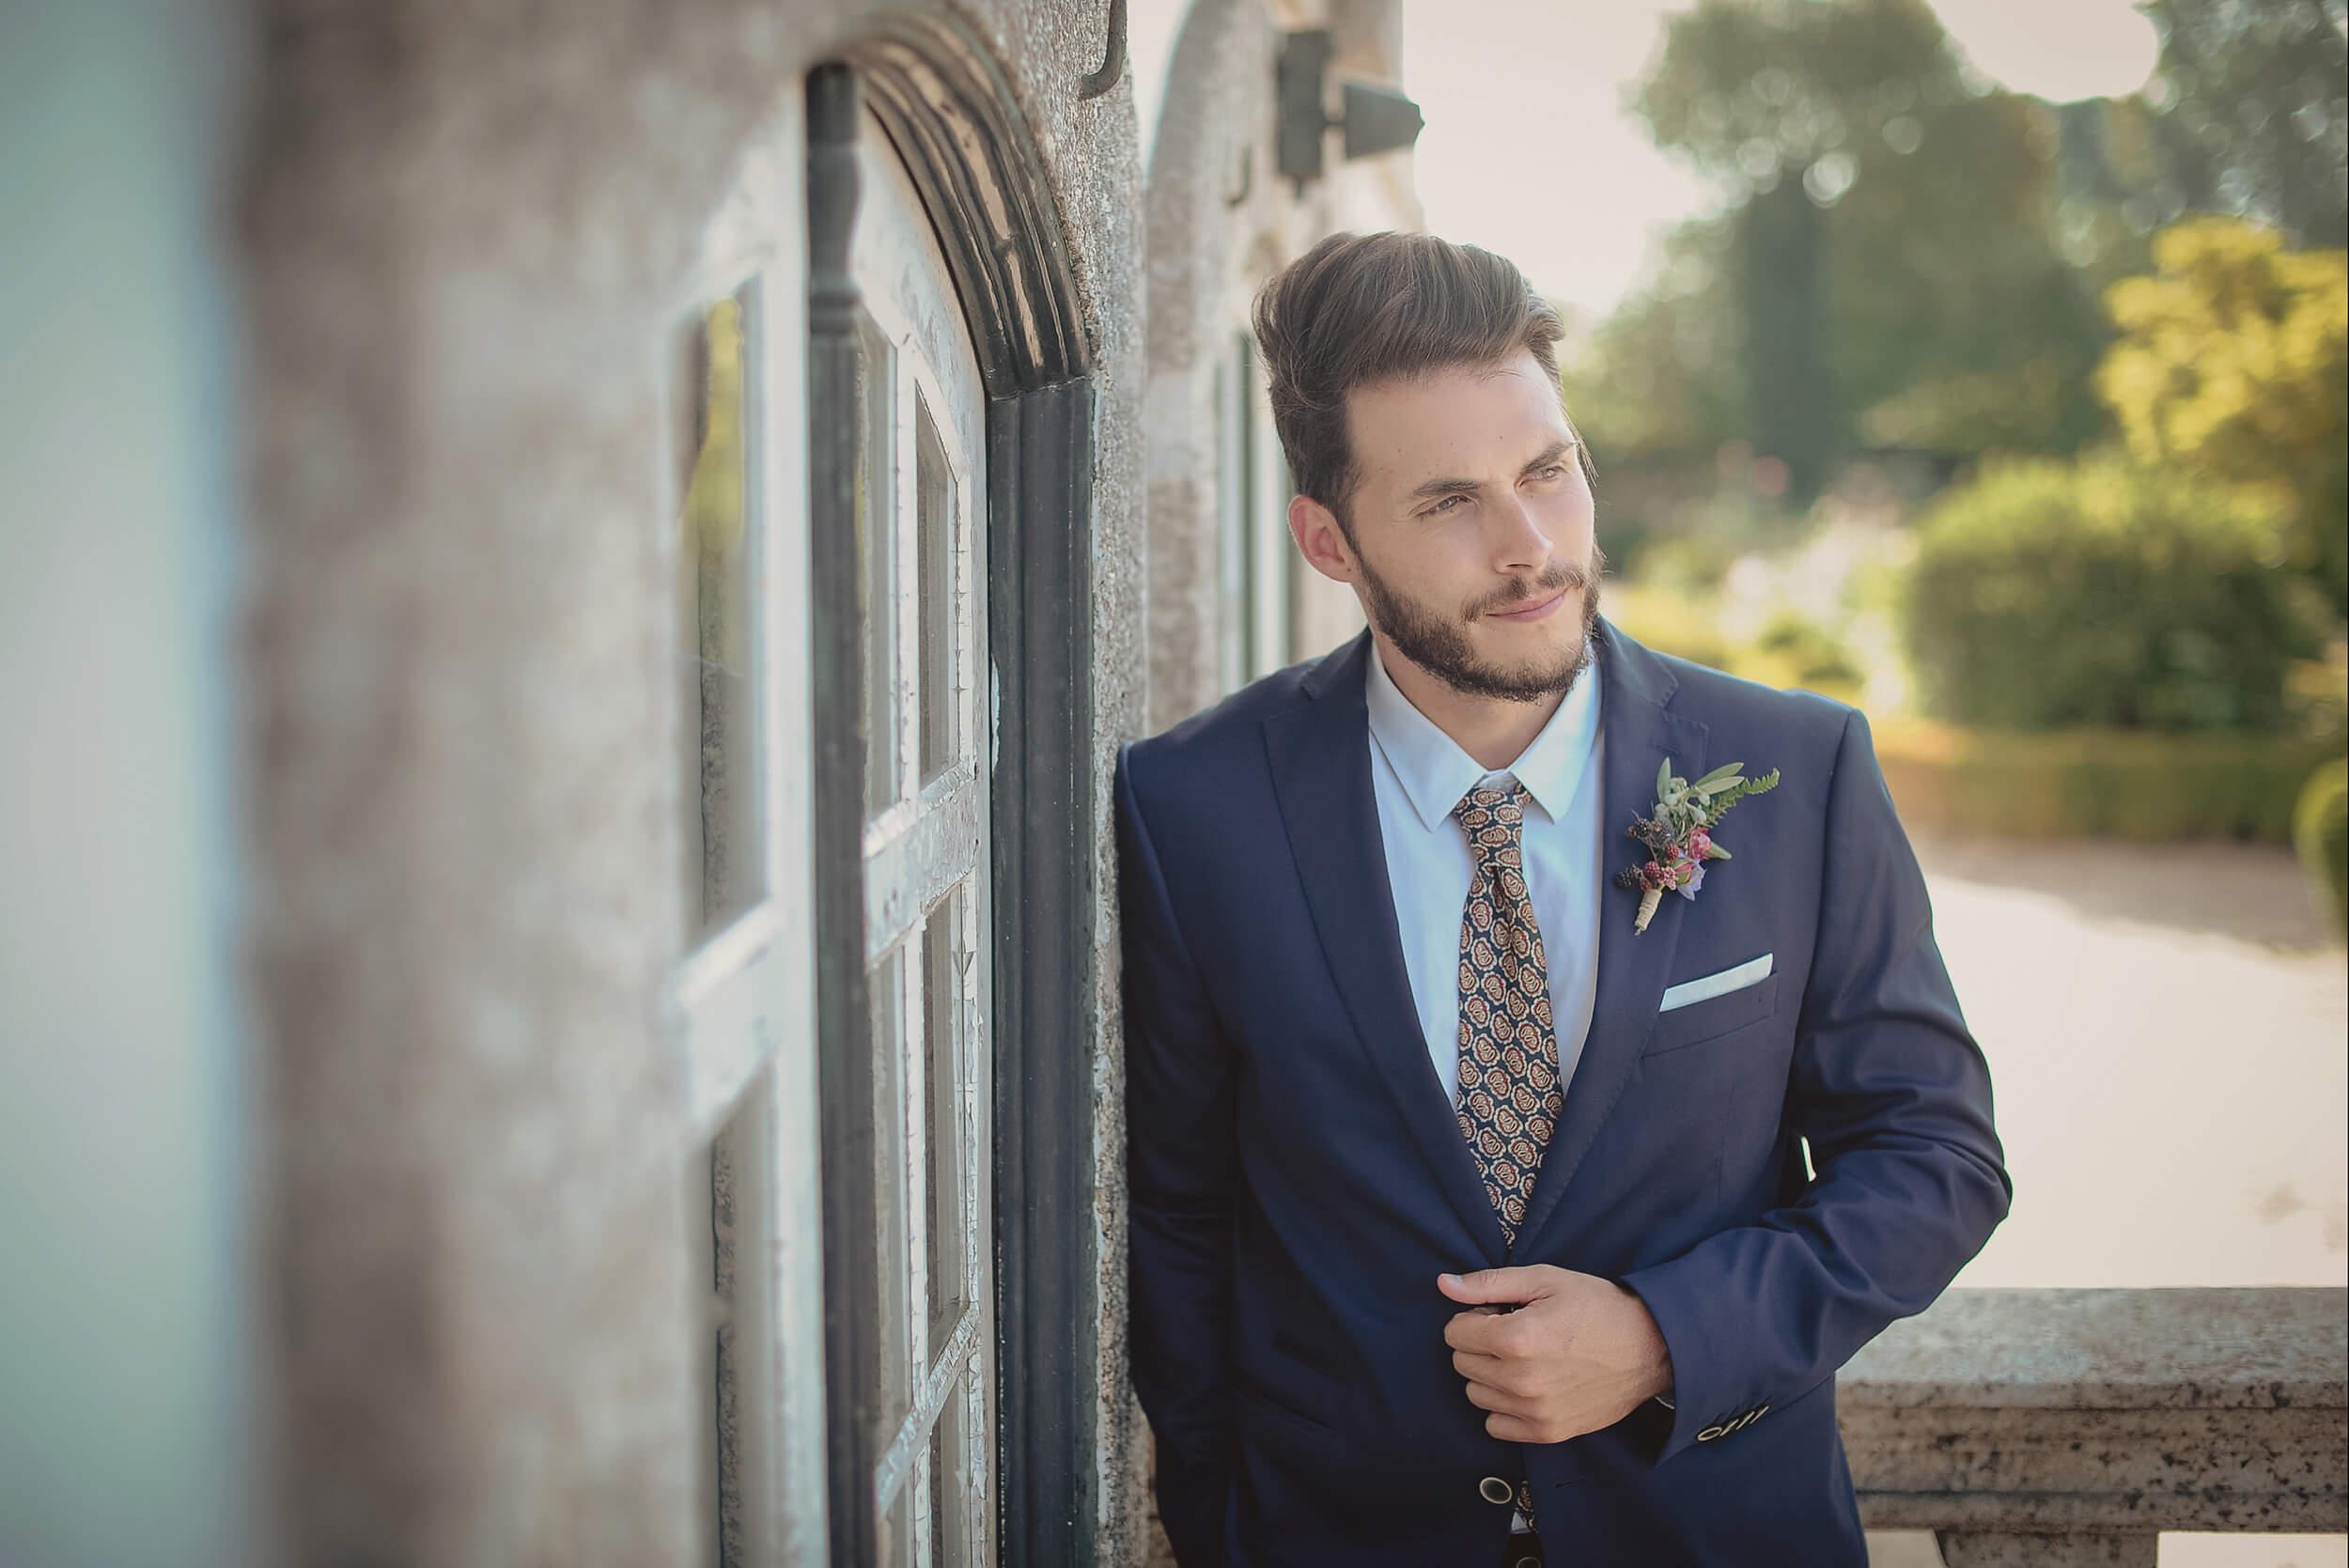 roma-organizacao-eventos-editorial-casamento-colorful-wedding-15